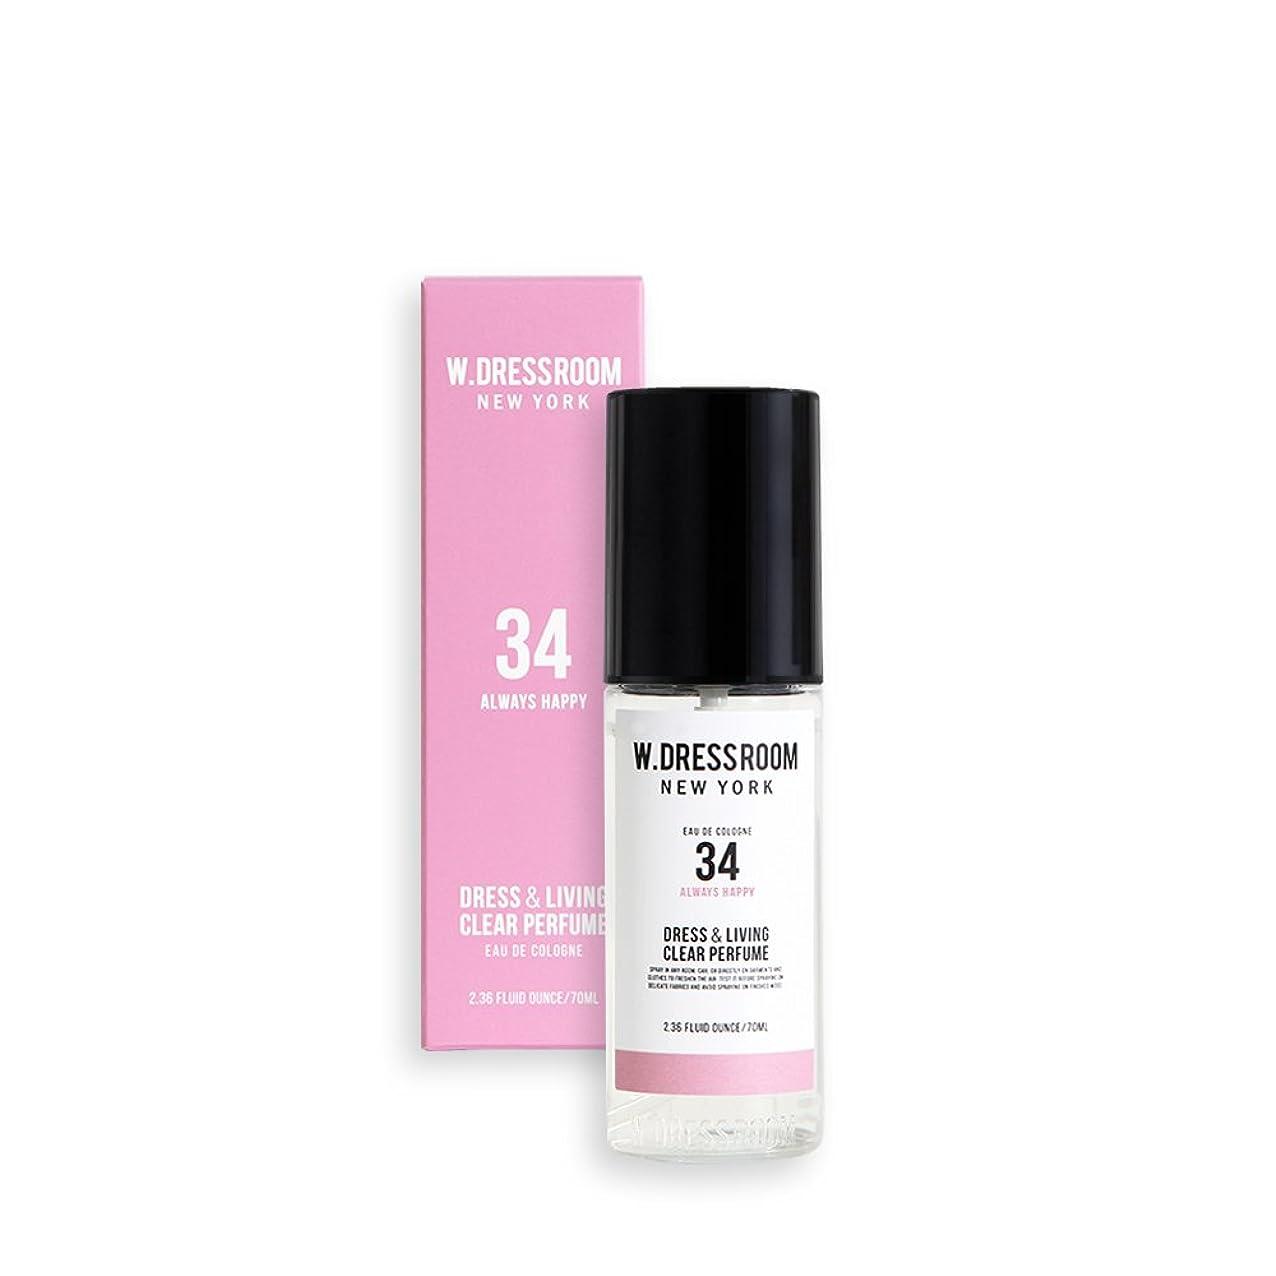 マウスピース接地悪用W.DRESSROOM Dress & Living Clear Perfume 70ml/ダブルドレスルーム ドレス&リビング クリア パフューム 70ml (#No.34 Always Happy) [並行輸入品]